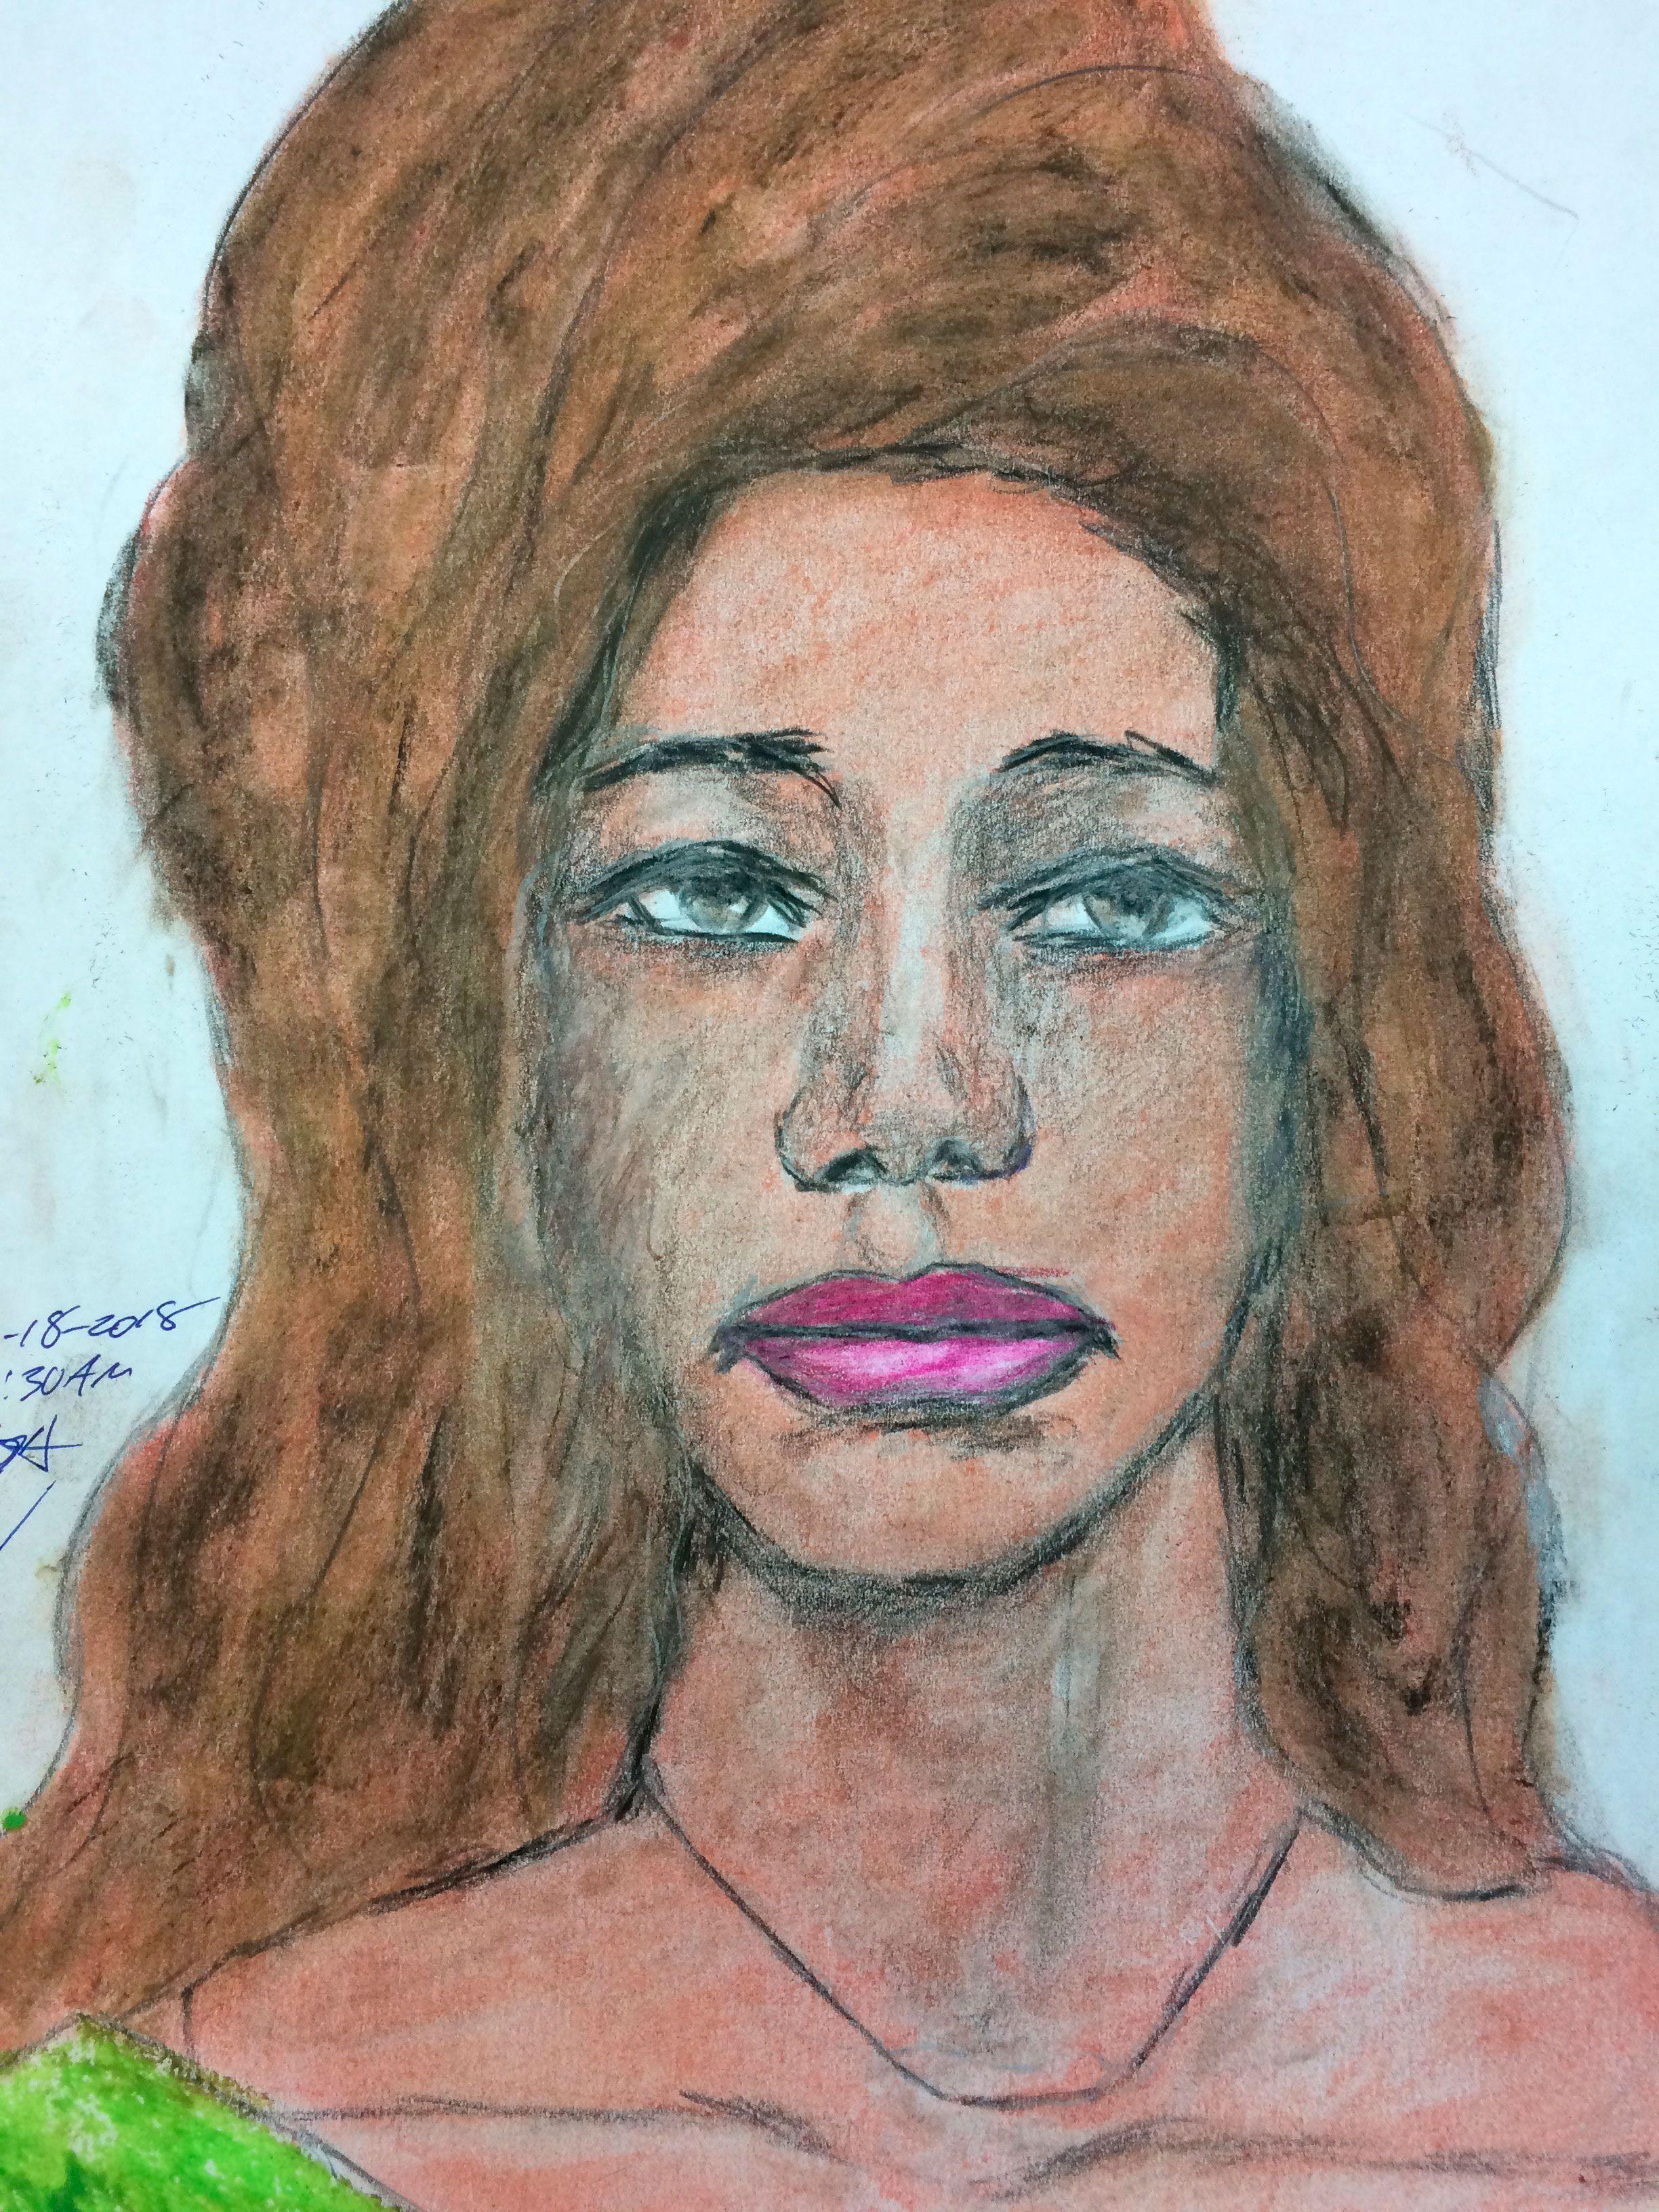 Mujer de unos 40 años, asesinada en 1993 en Las Vegas, Nevada (FBI)